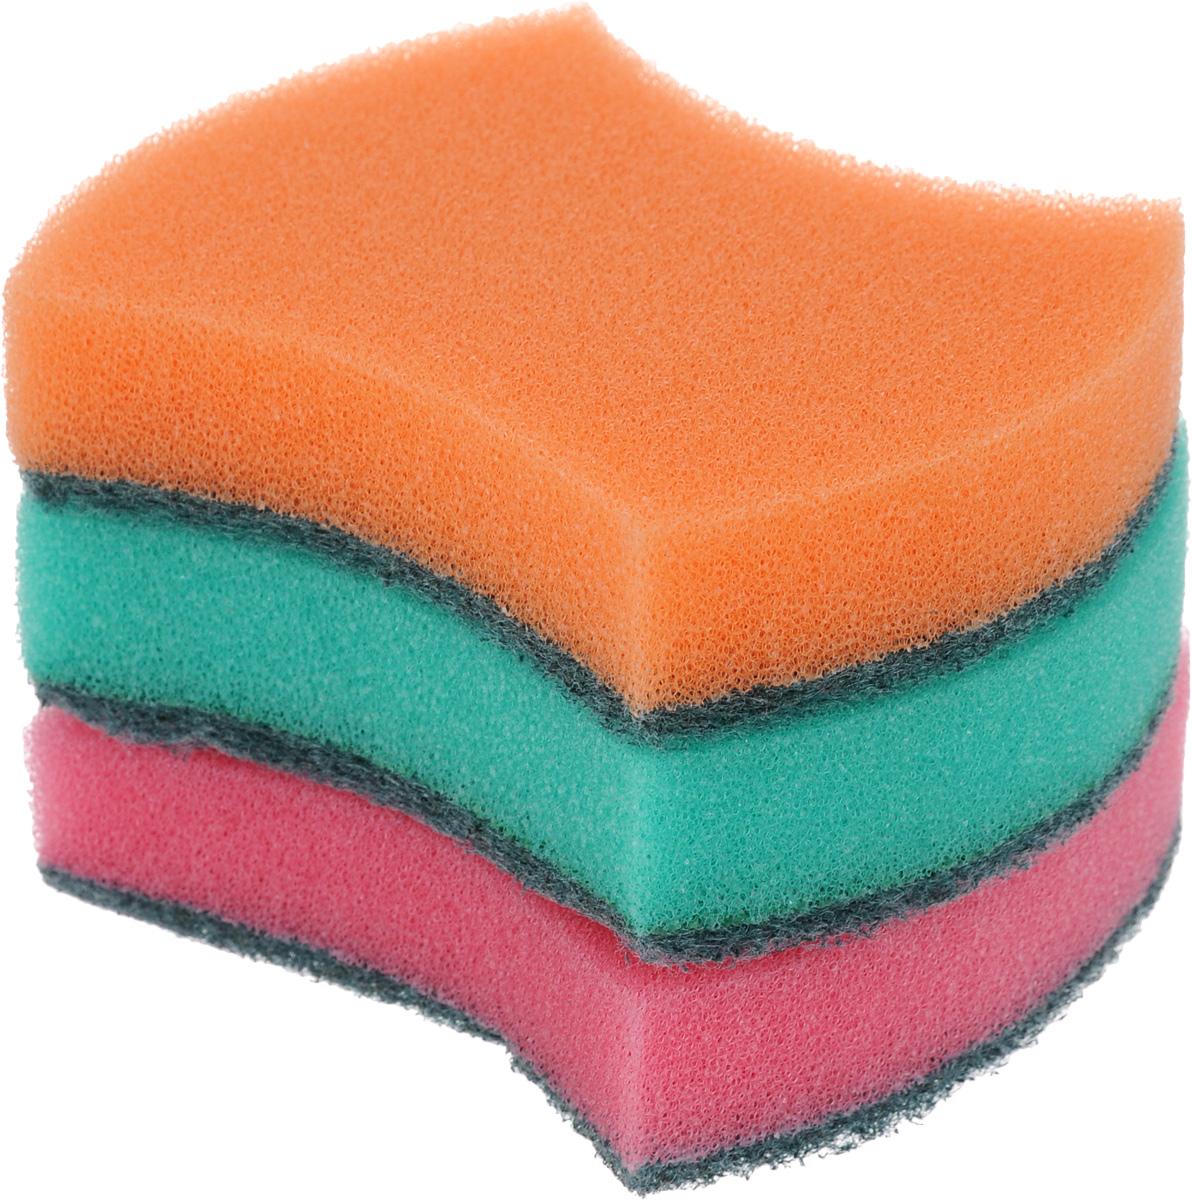 Губка универсальная Фэйт Модерн, цвет: розовый, оранжевый, бирюзовый, 3 шт531-105Универсальная губка Фэйт Модерн, изготовленная из особо прочного поролона и абразива, прекрасно впитывает влагу, не оставляет ворсинок и разводов, быстро сохнет. Предназначена для мытья любых поверхностей. Размер губки: 9 х 7 х 2,5 см. Комплектация: 3 шт.